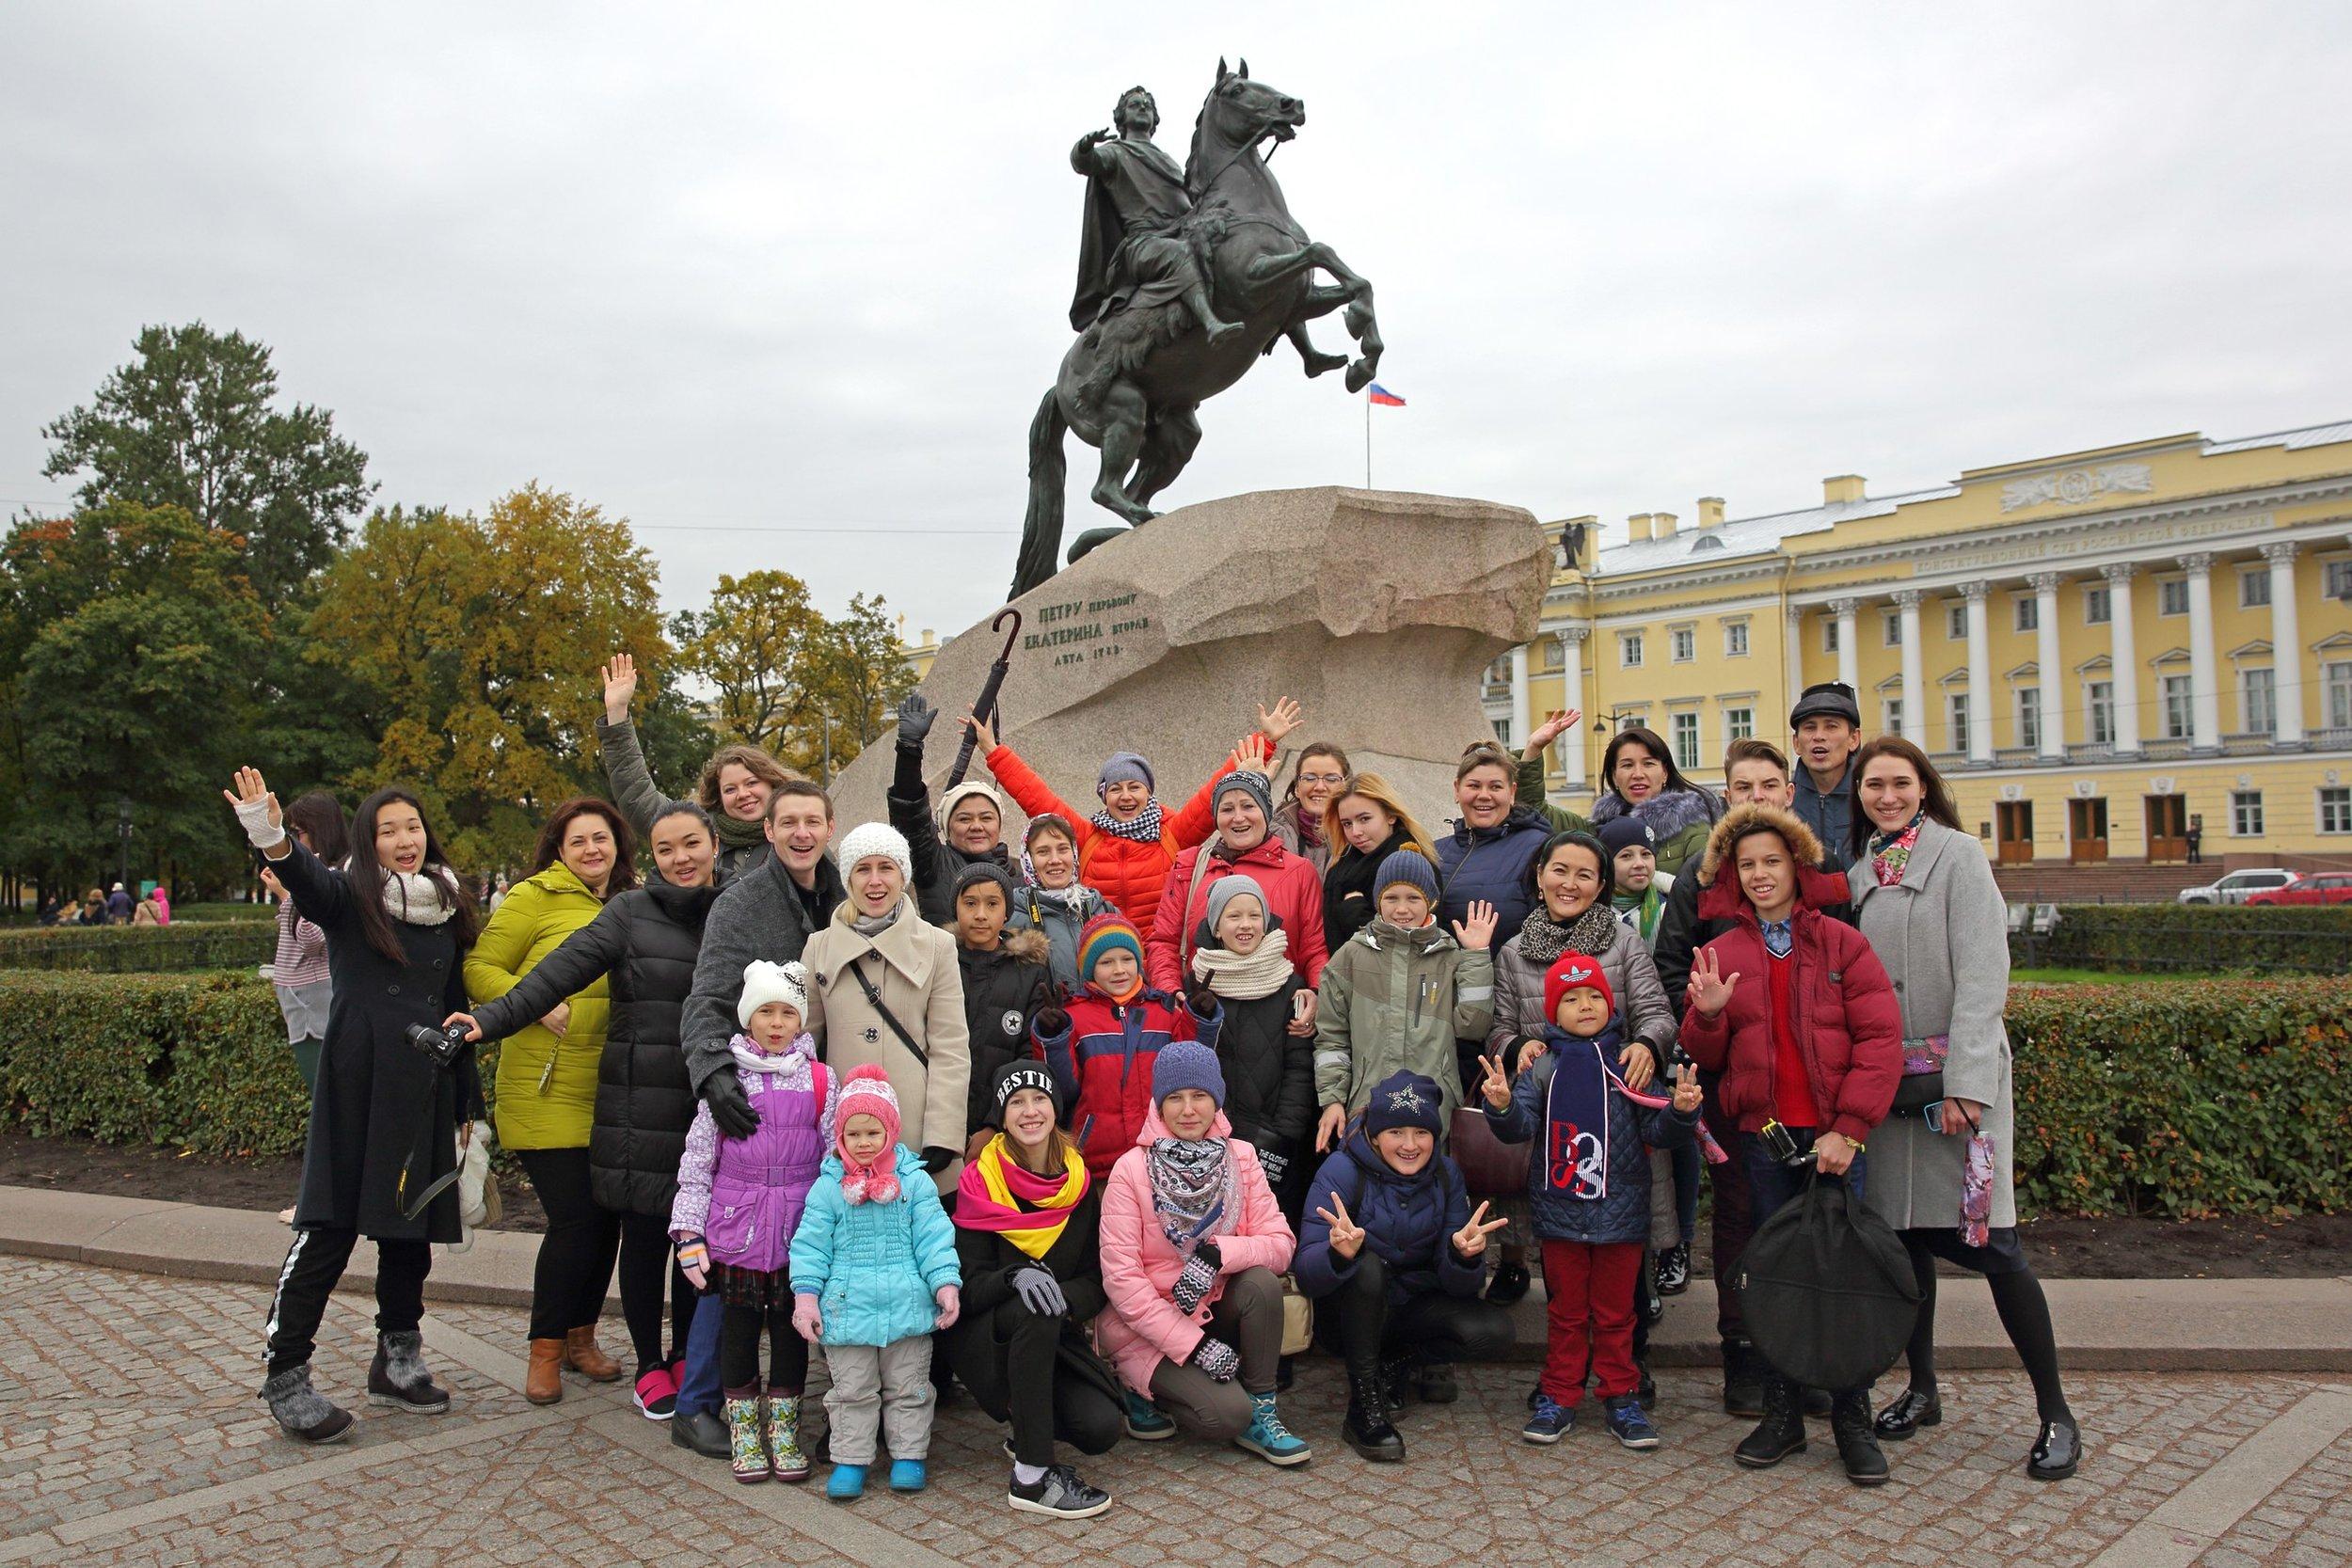 Финалисты фестиваля на экскурсии по Санкт-Петербургу